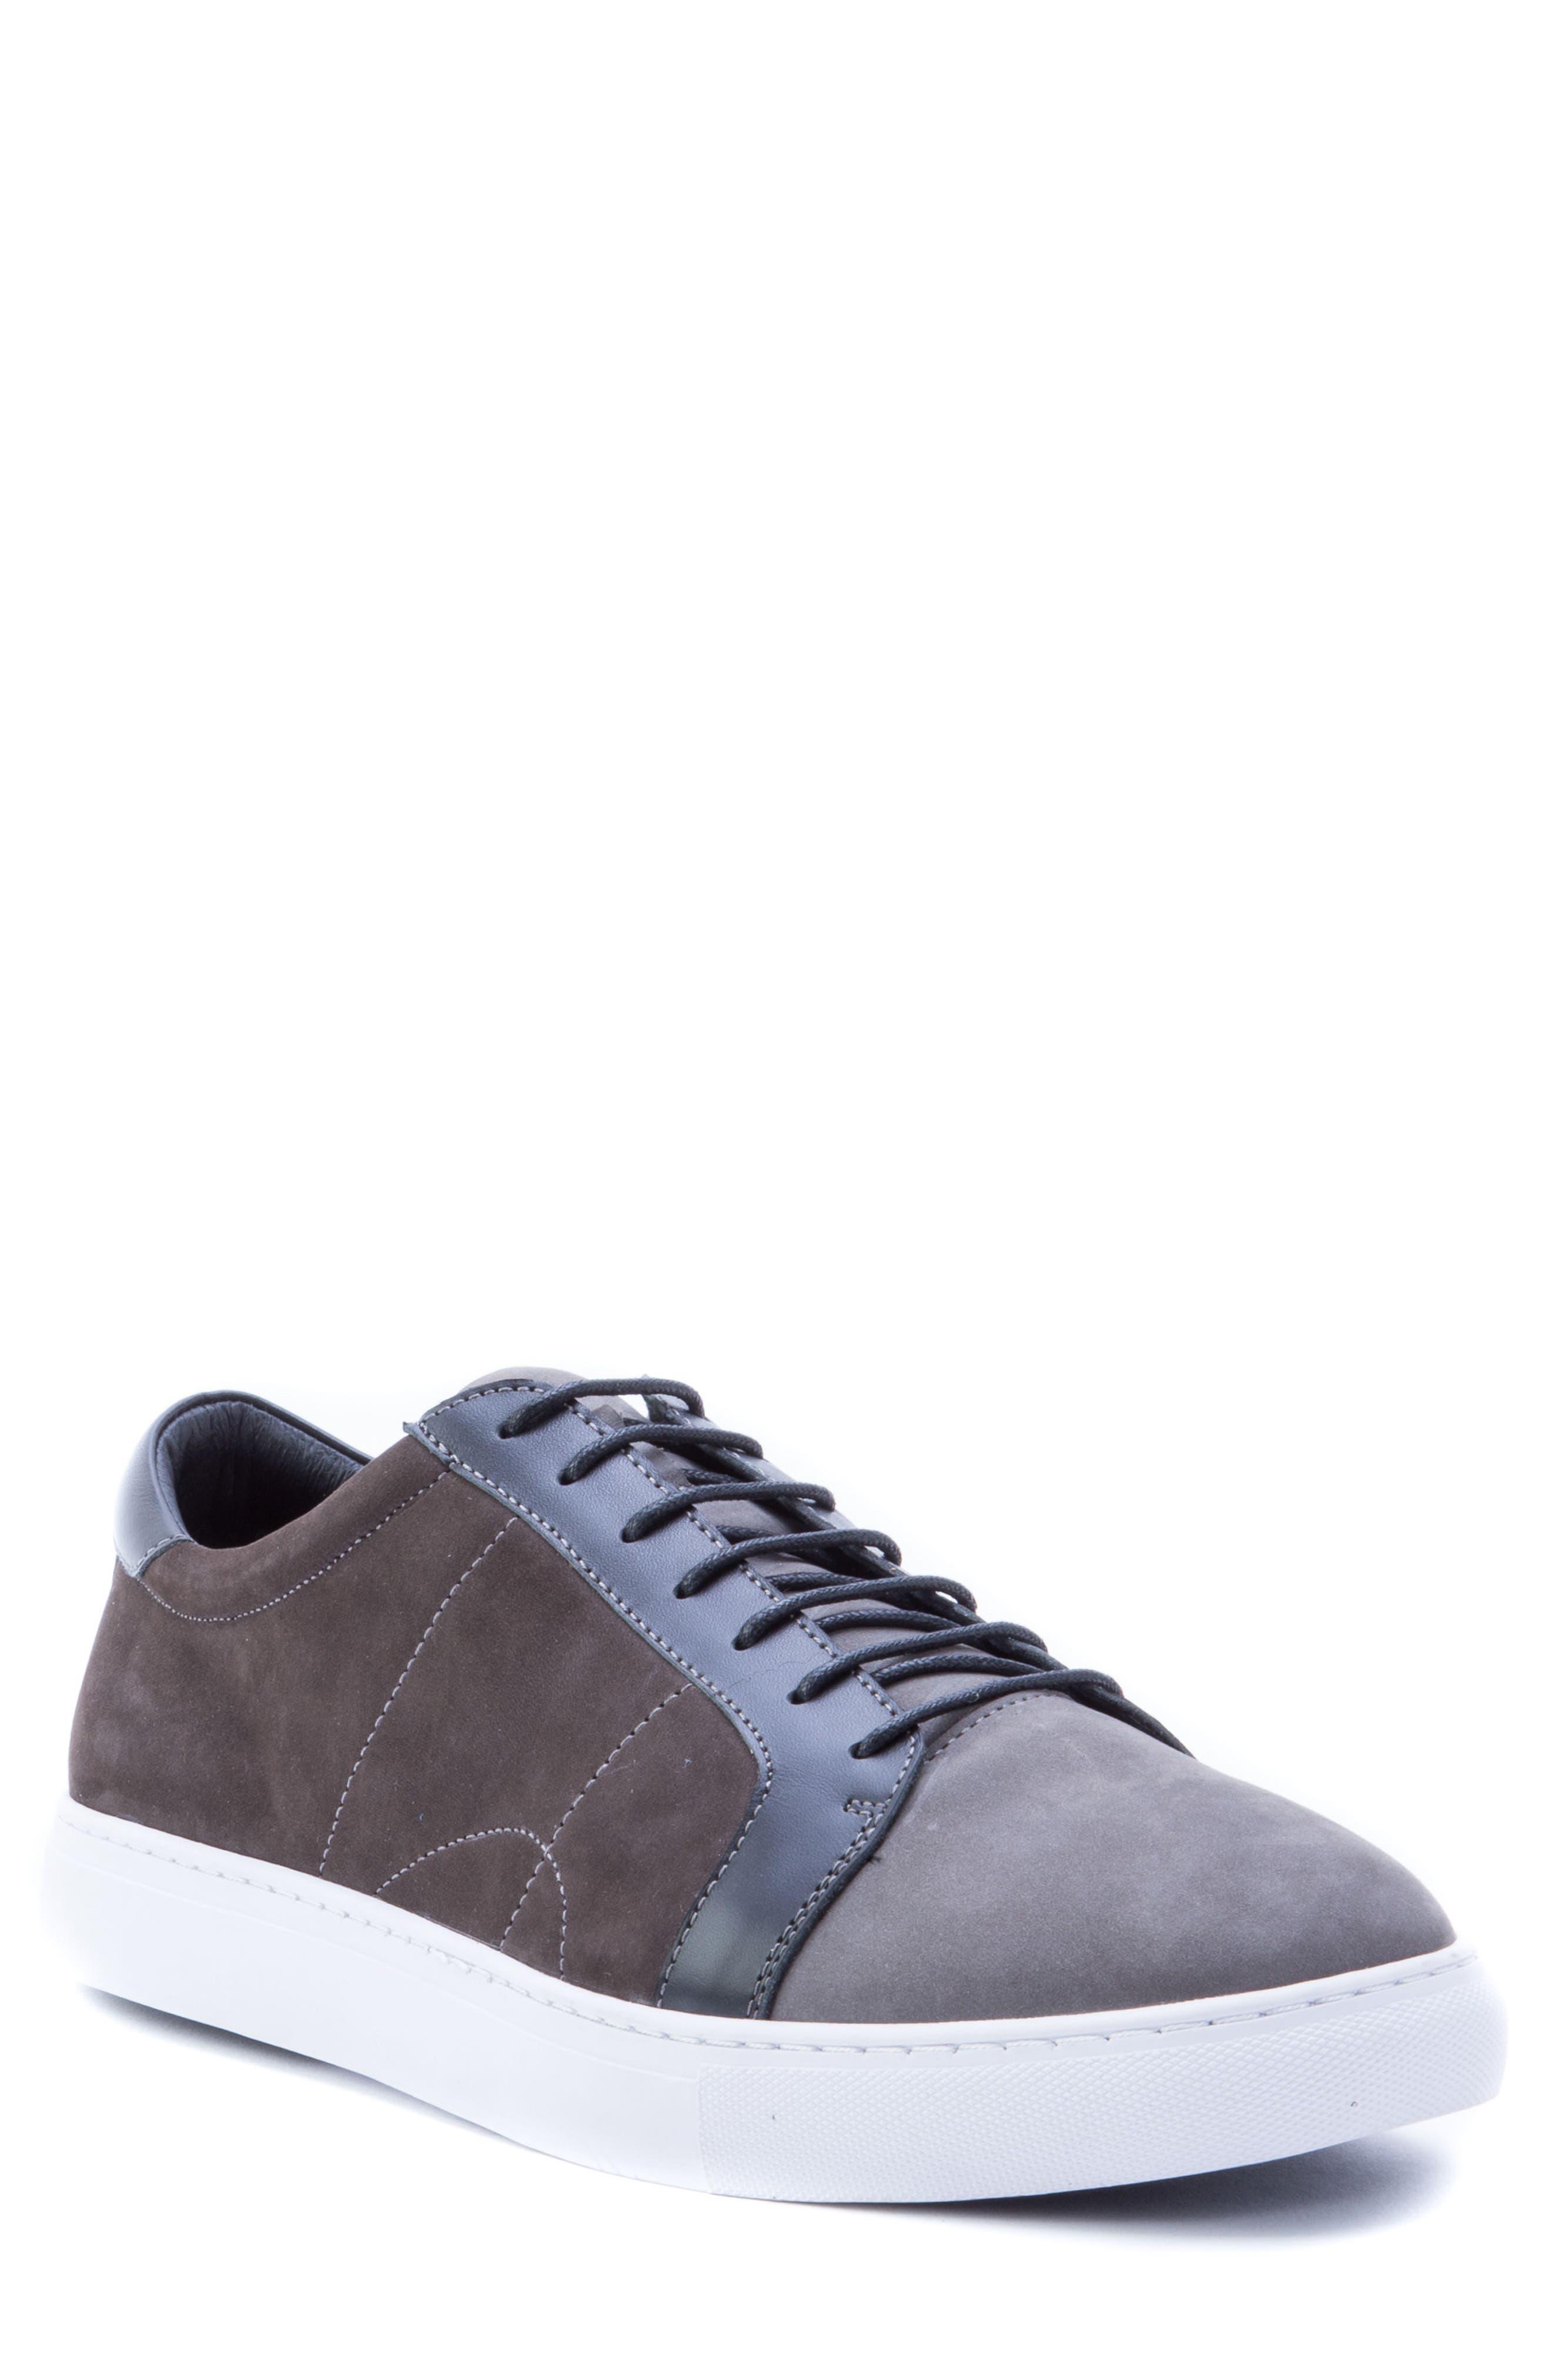 Robert Graham Gonzalo Low Top Sneaker, Grey